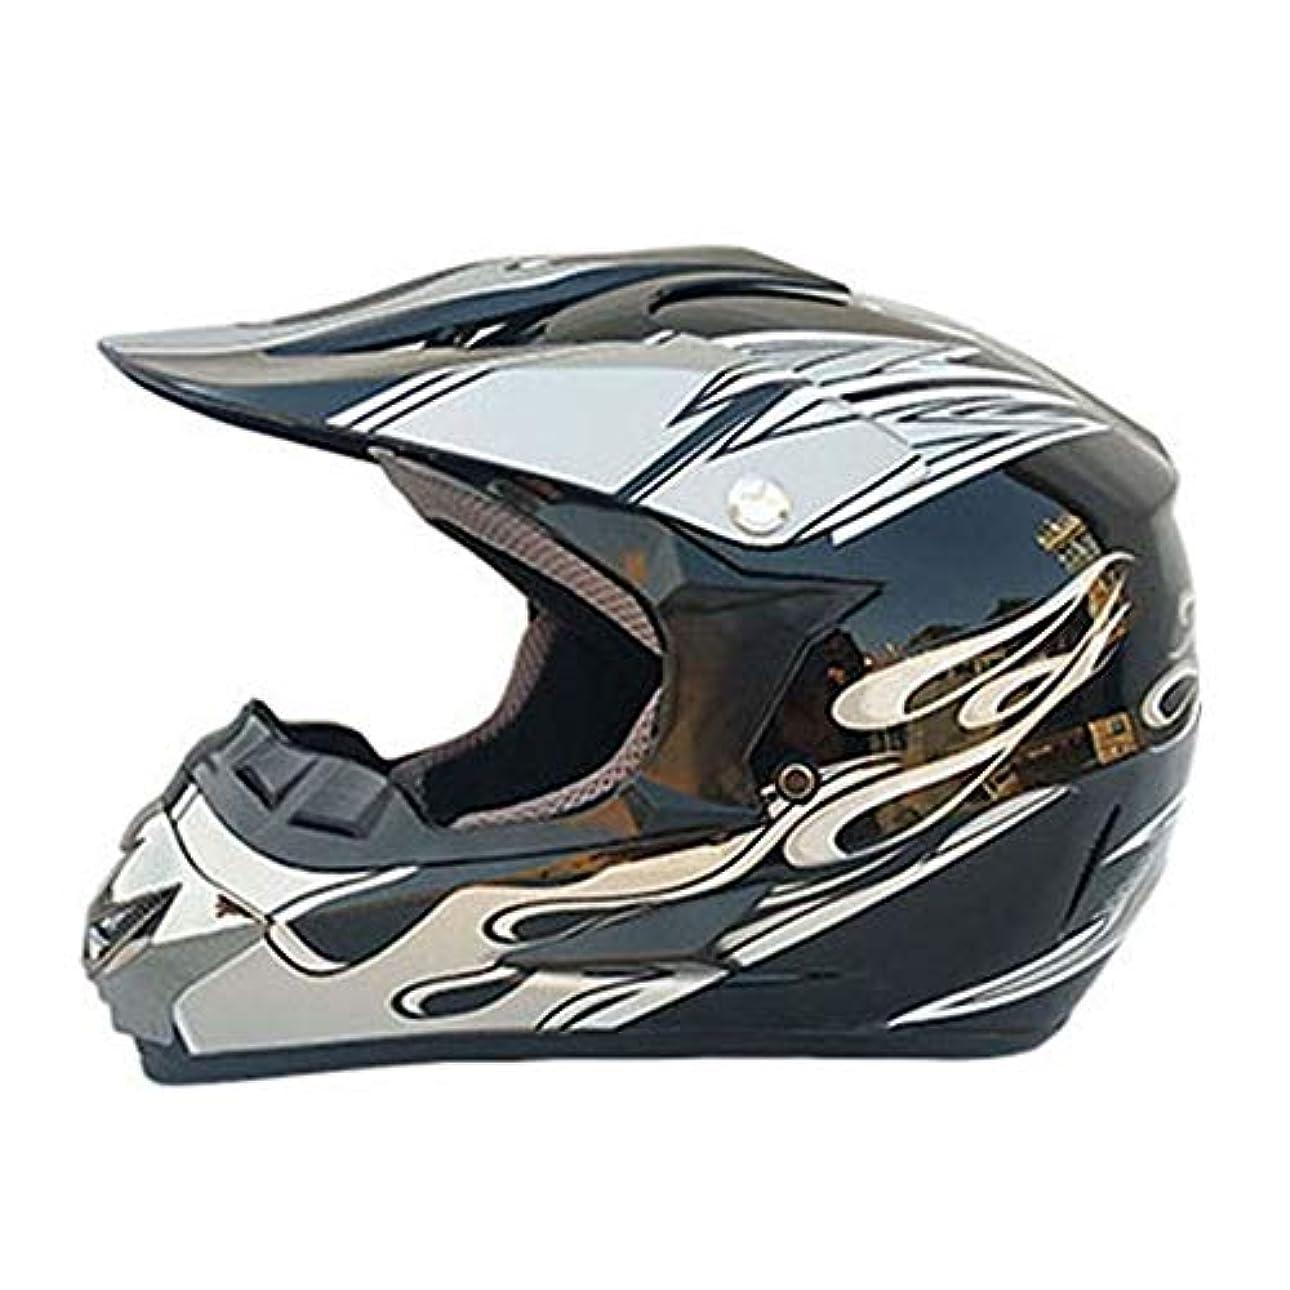 配る農業いらいらさせるHYH モトクロスヘルメットオートバイヘルメット四季普遍的なプロバイクオフロードヘルメットダウンヒル安全レーシングヘルメット - ブラック - グレー - 大 いい人生 (Size : L)